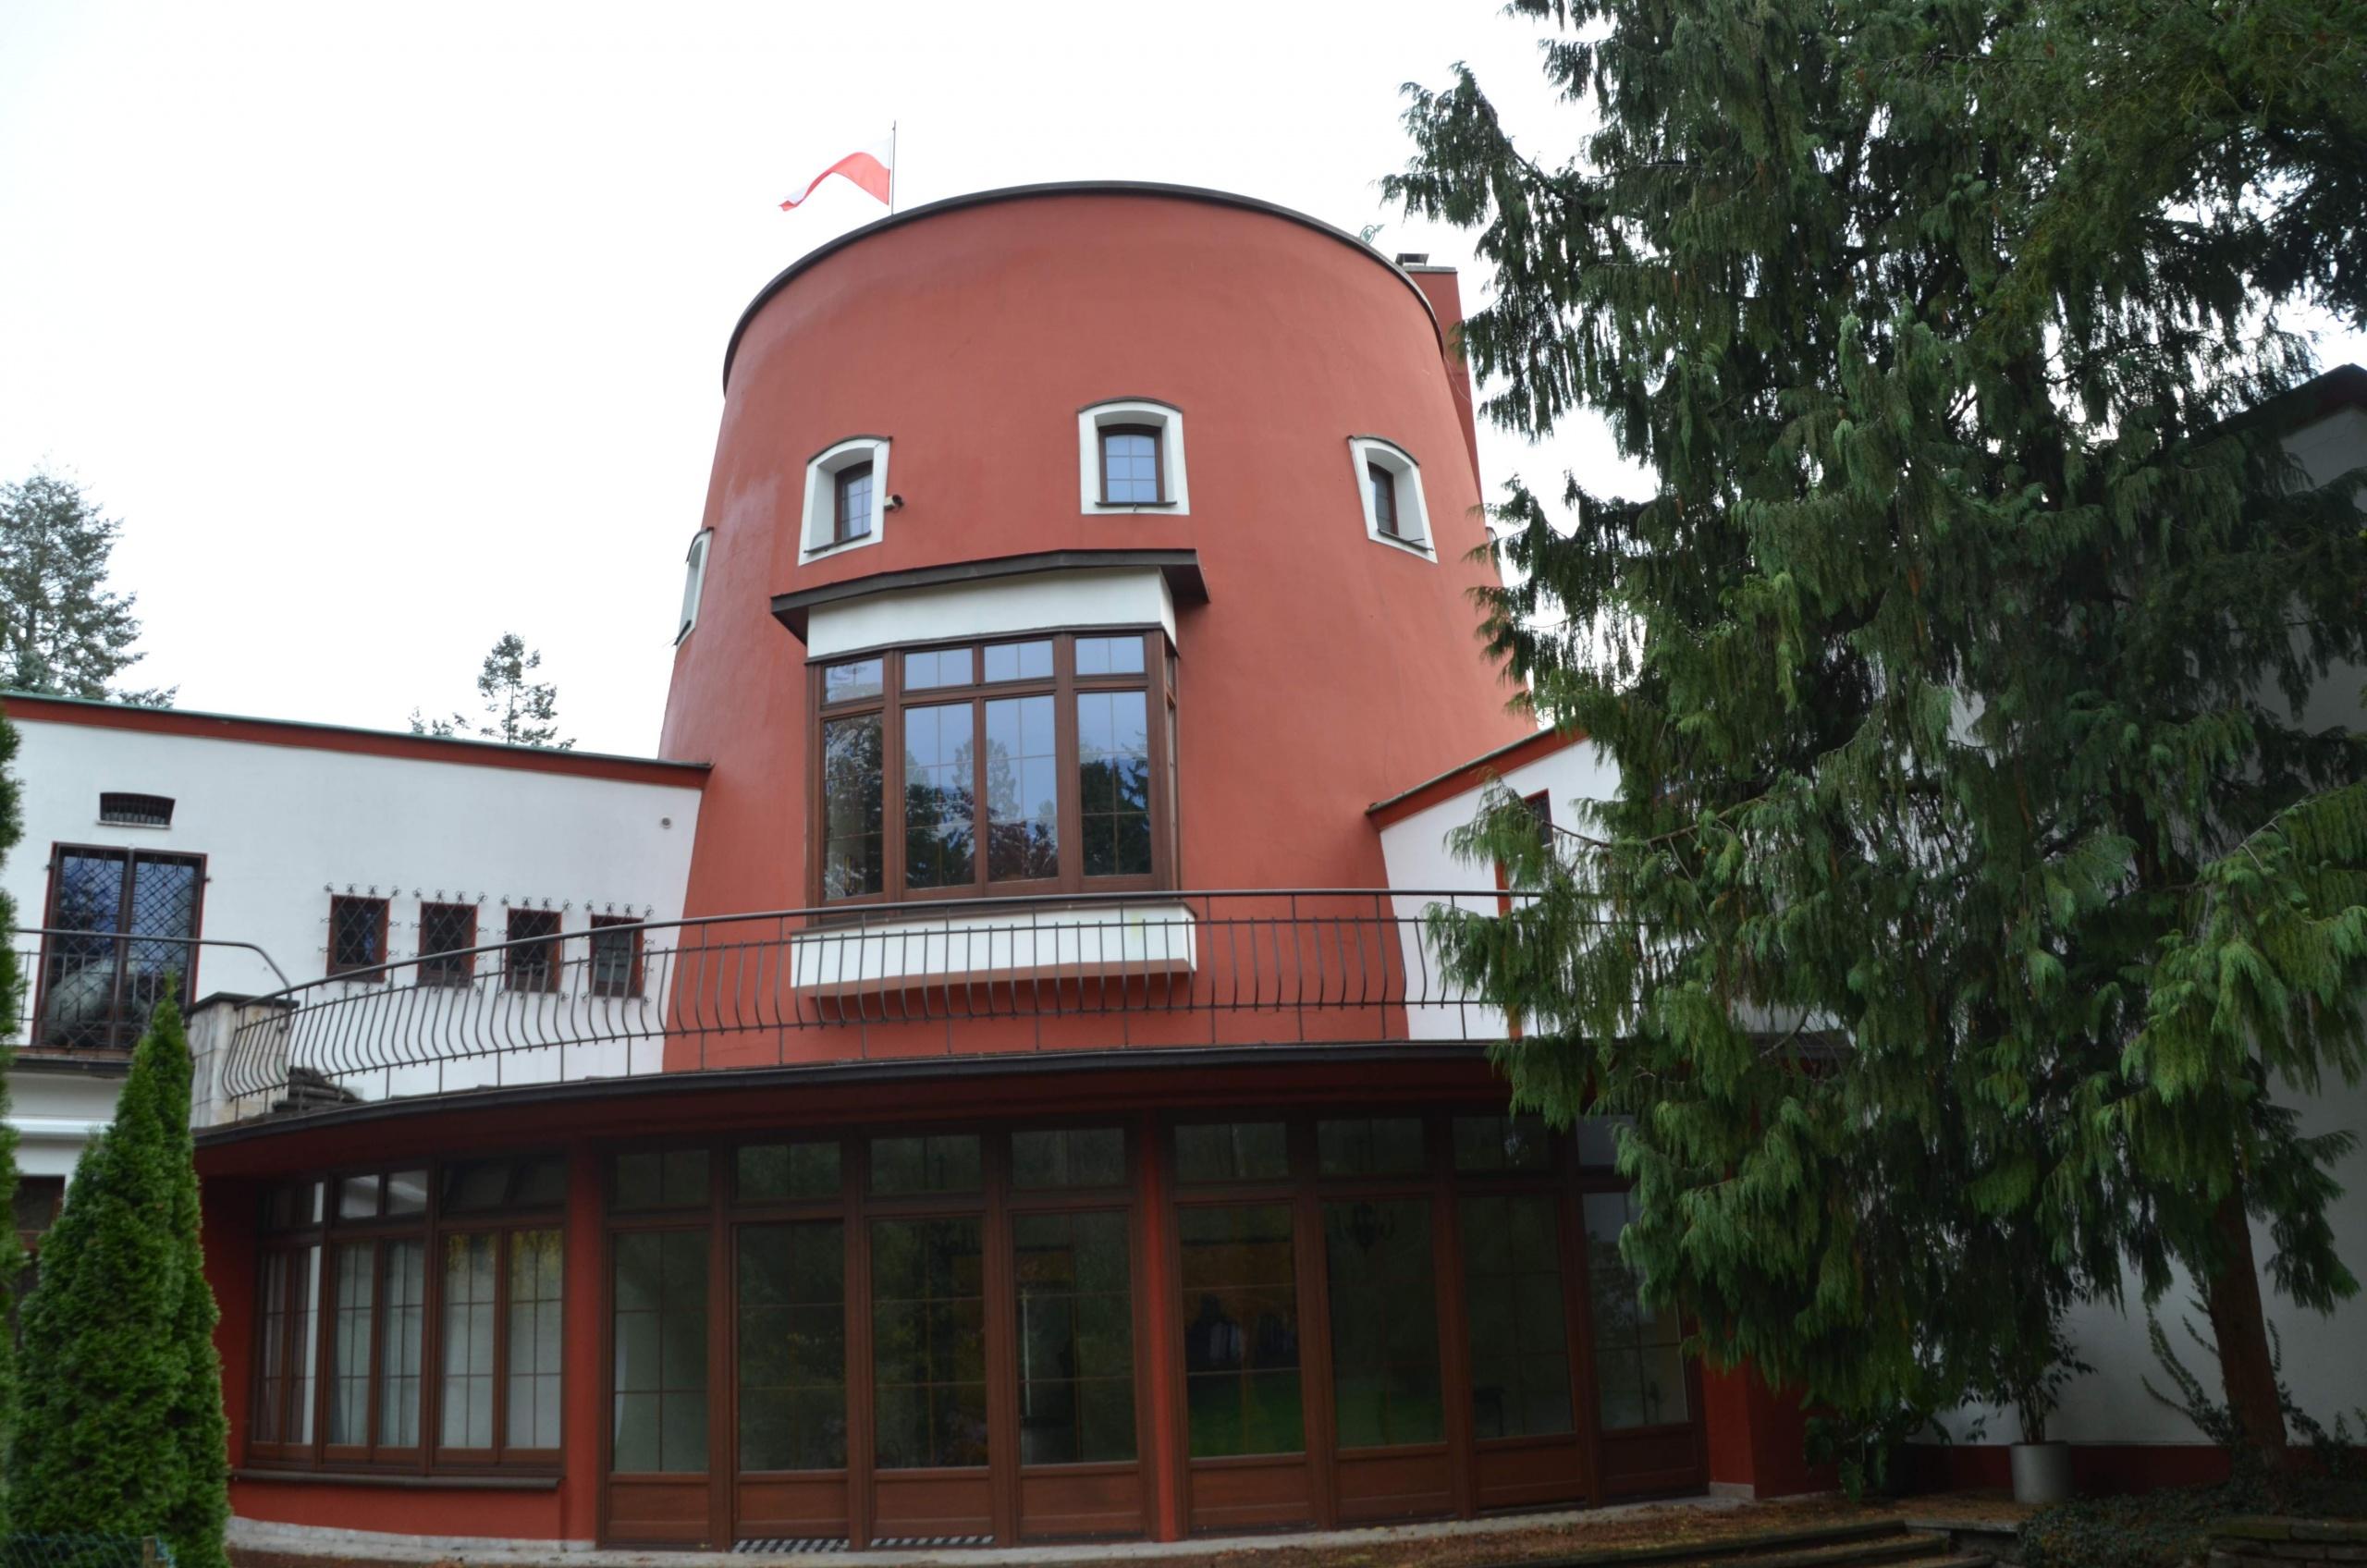 Ausgebucht -Neujahrsempfang 2020 Bürgervereinigung Rodenkirchen in Alteburger Mühle